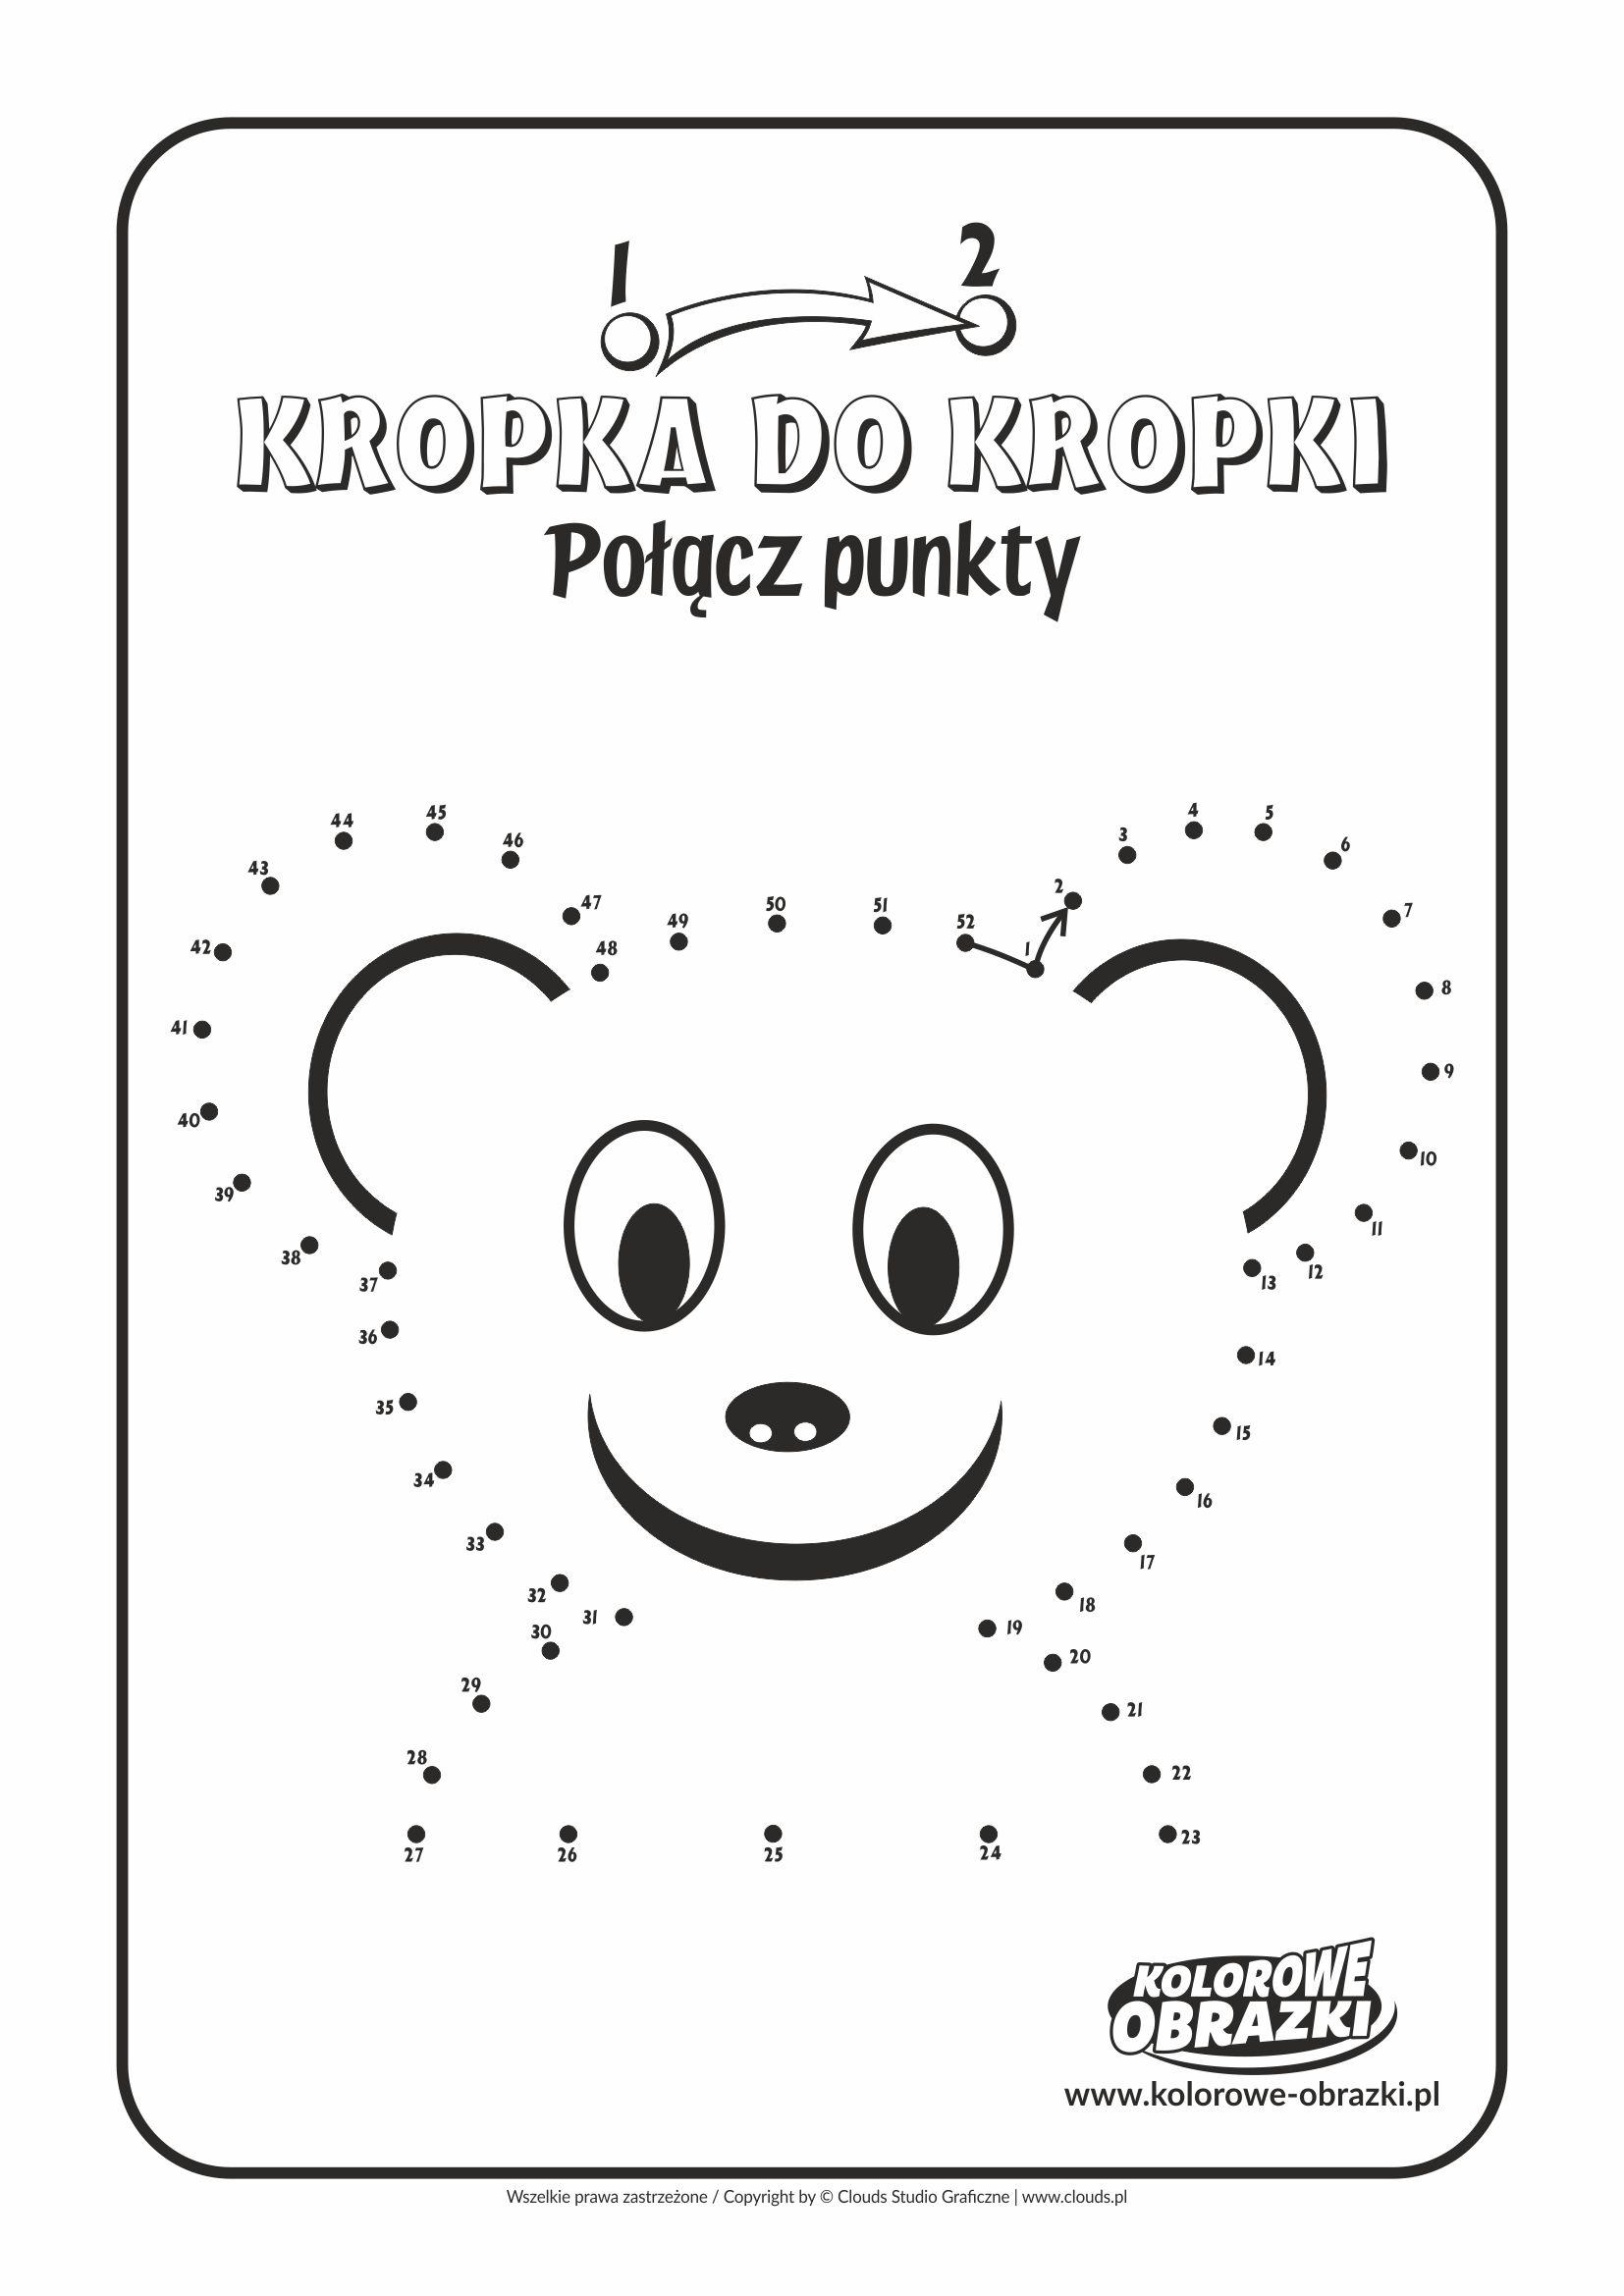 Kolorowanki dla dzieci - Połącz punkty / Obrazek nr 6. Łączenie punktów